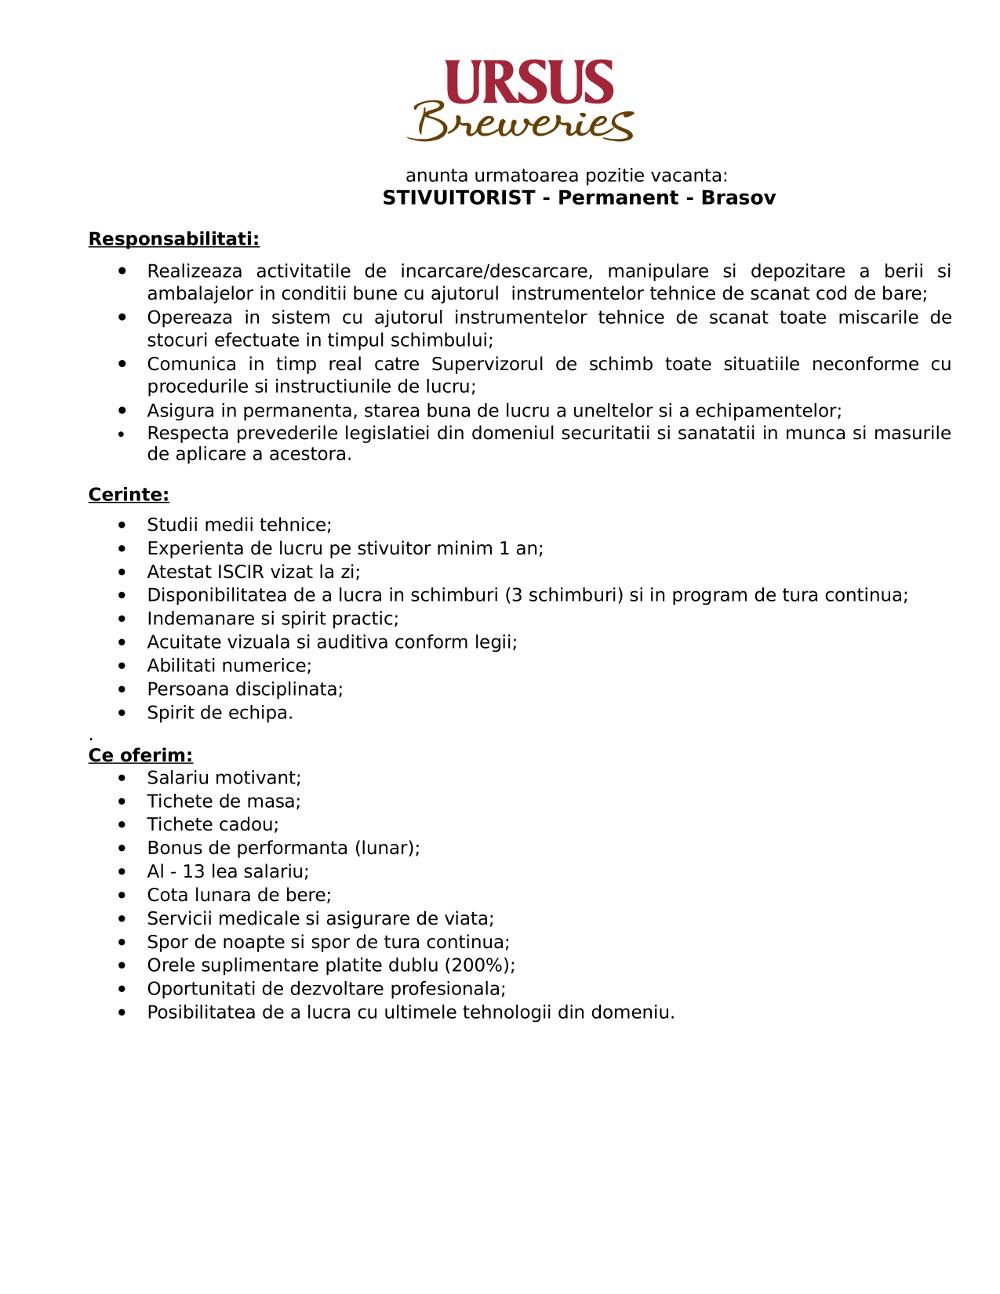 Stivuitorist - Brasov - permanent